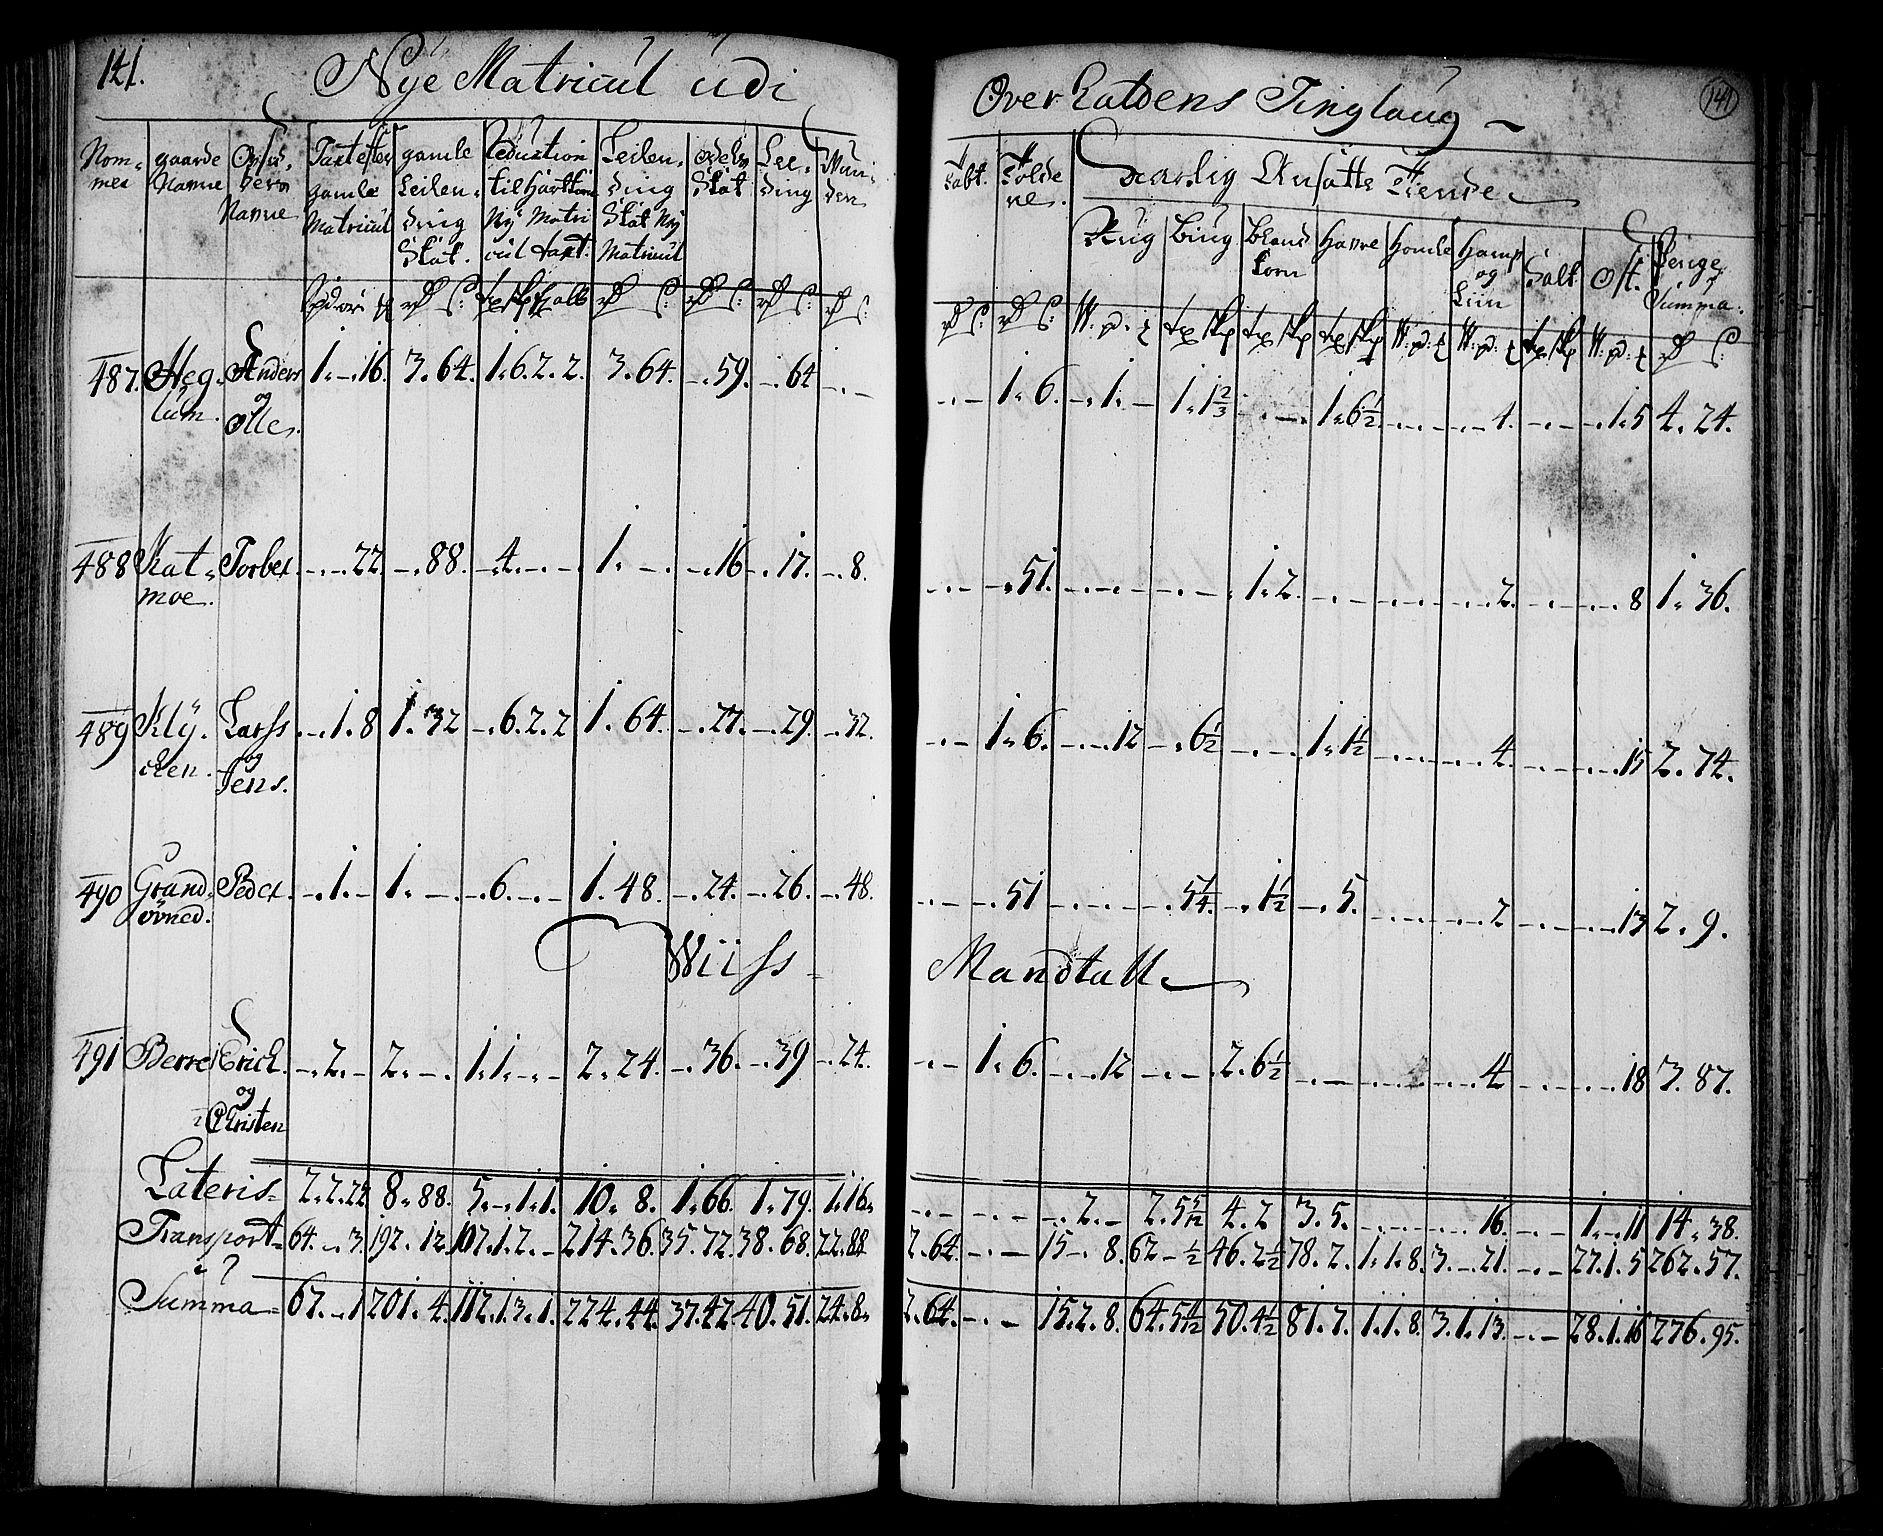 RA, Rentekammeret inntil 1814, Realistisk ordnet avdeling, N/Nb/Nbf/L0169: Namdalen matrikkelprotokoll, 1723, s. 140b-141a